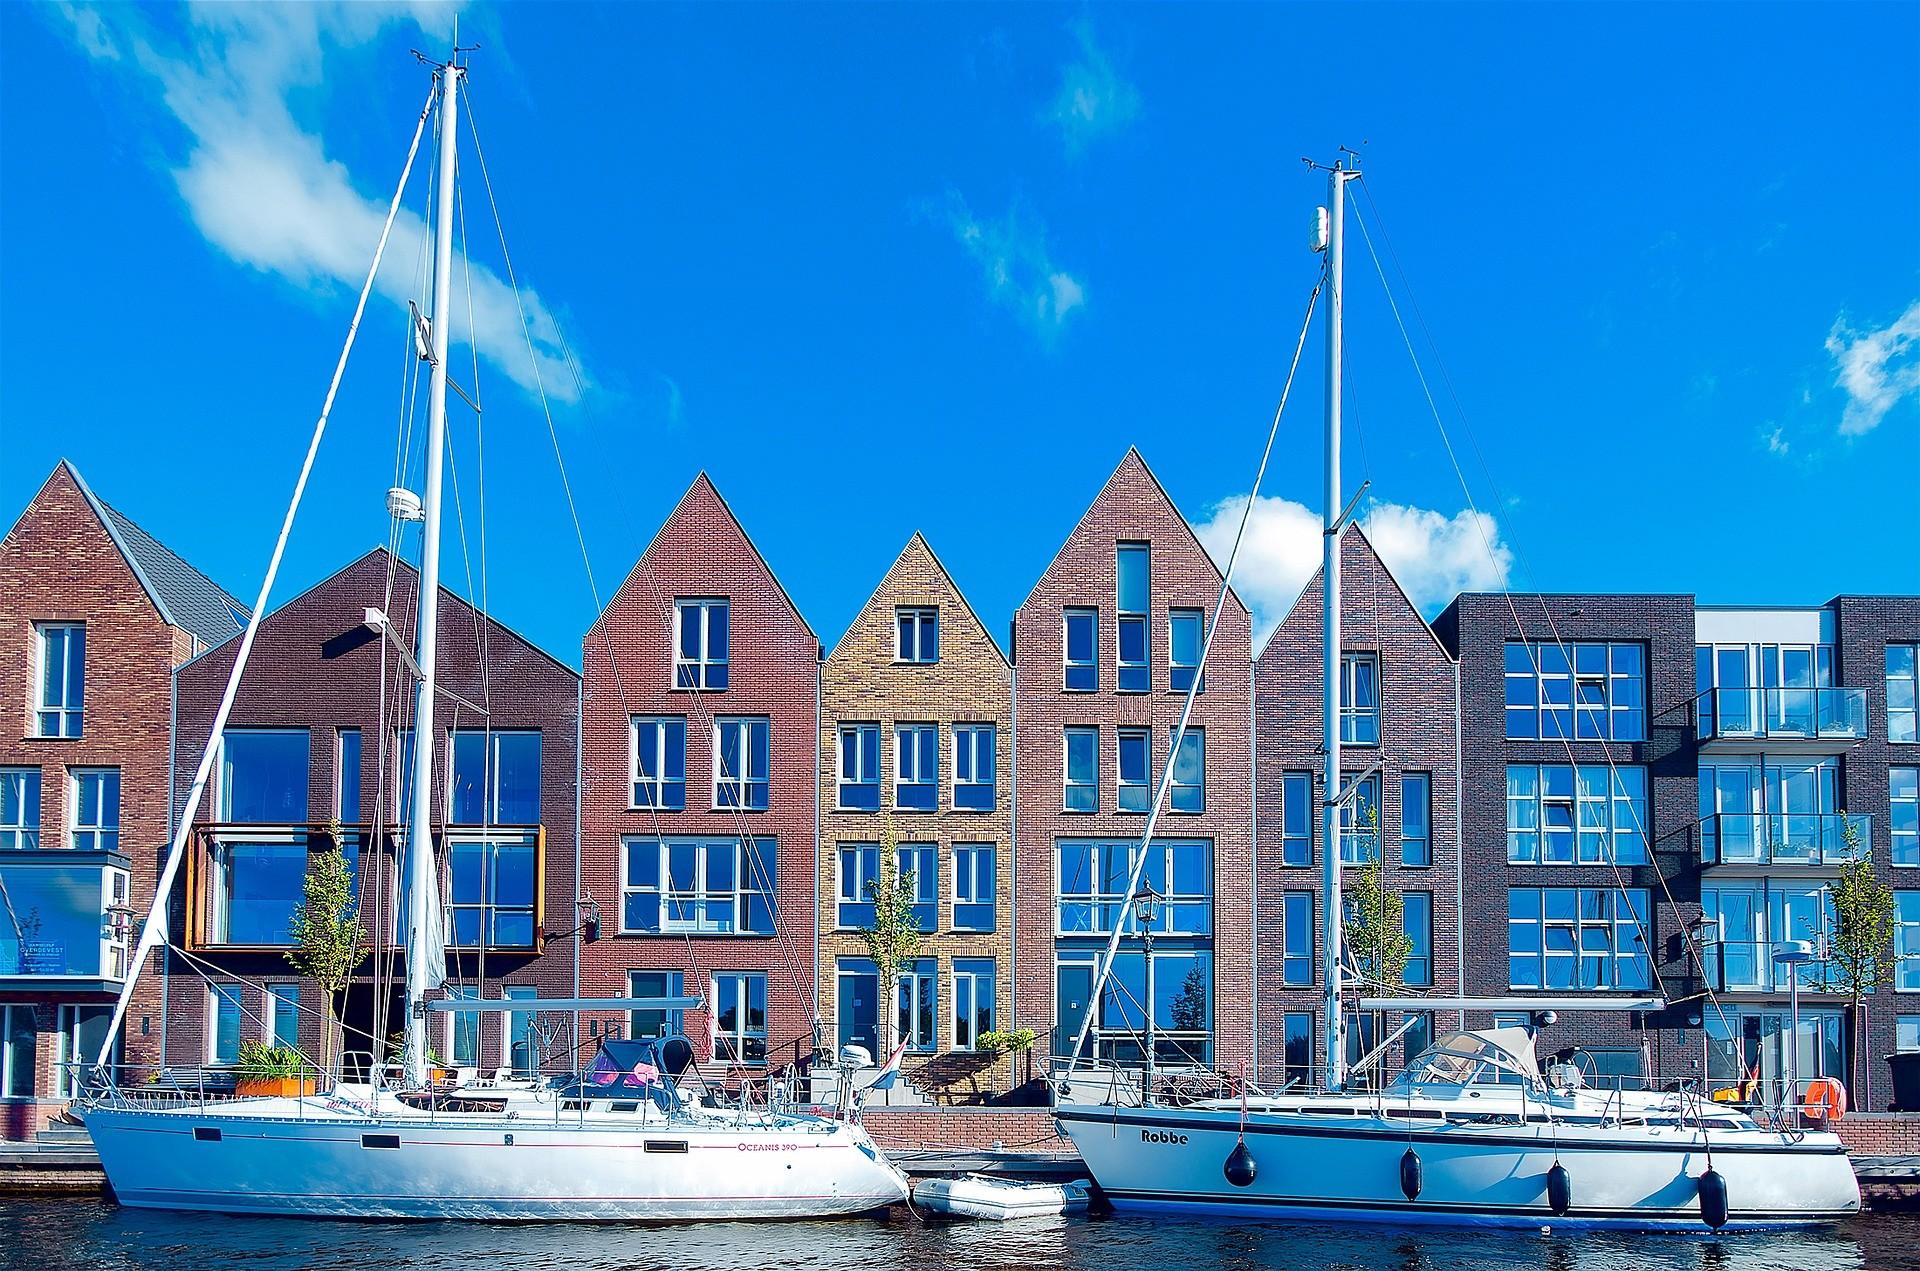 Amsterdam, dintorni: Haarlem - Foto di David Mark